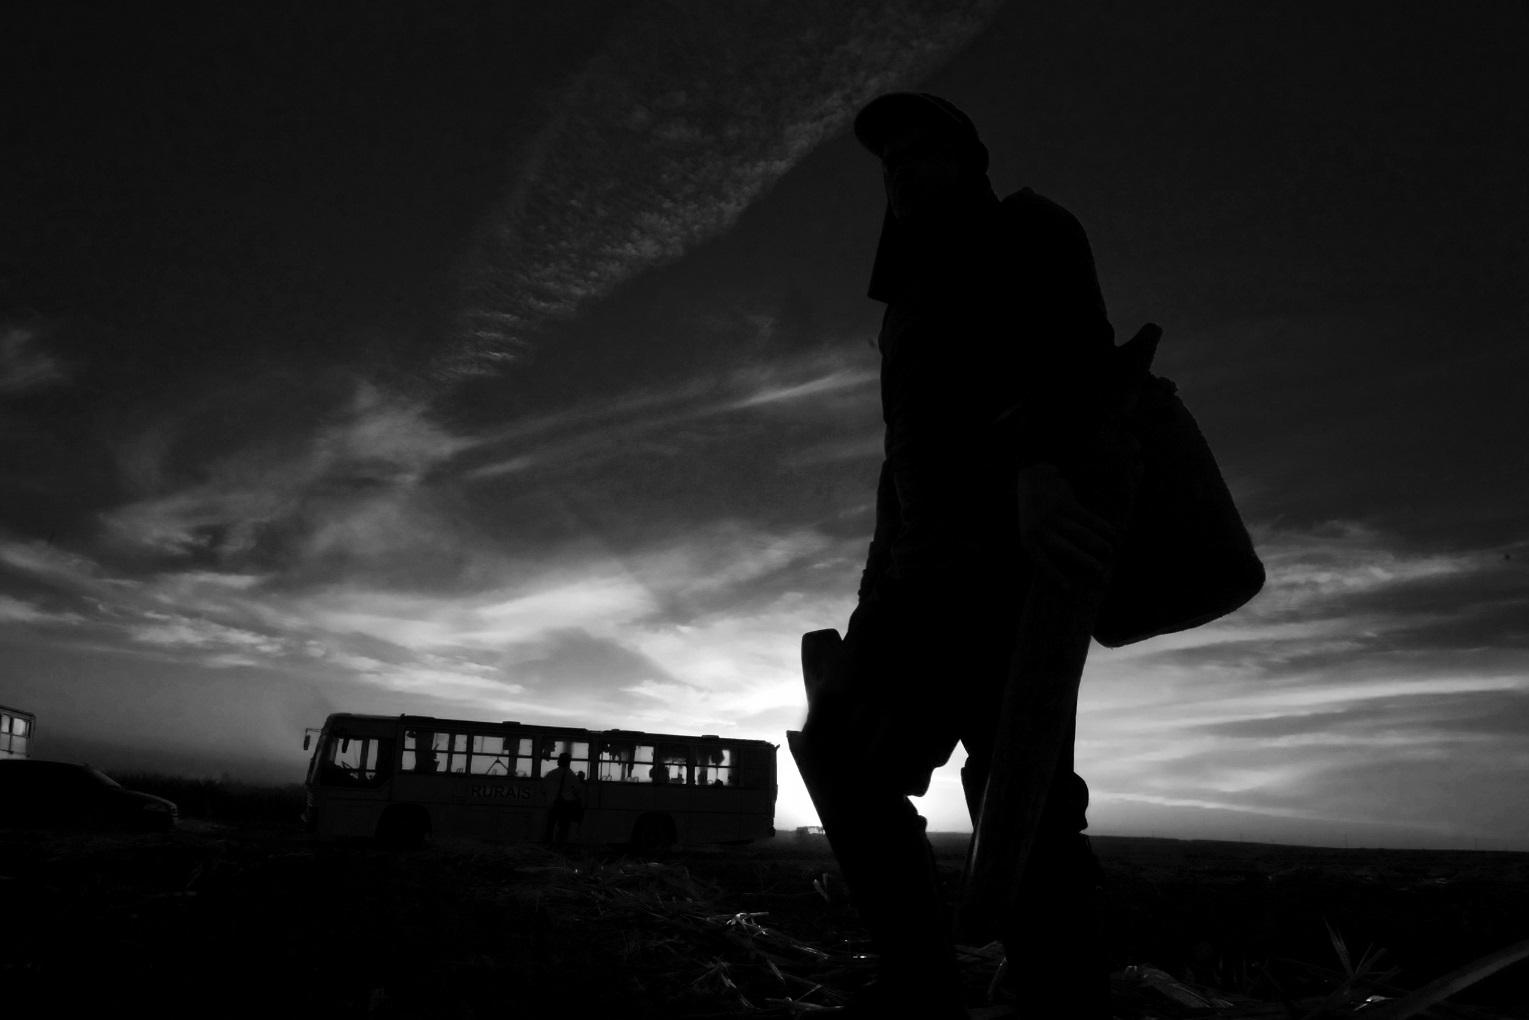 Em 2018, a pecuária bovina liderou as estatísticas das empresas relacionadas à lista suja, repetindo o que se verifica ao longo de toda a série histórica. Foto João Roberto Ripper